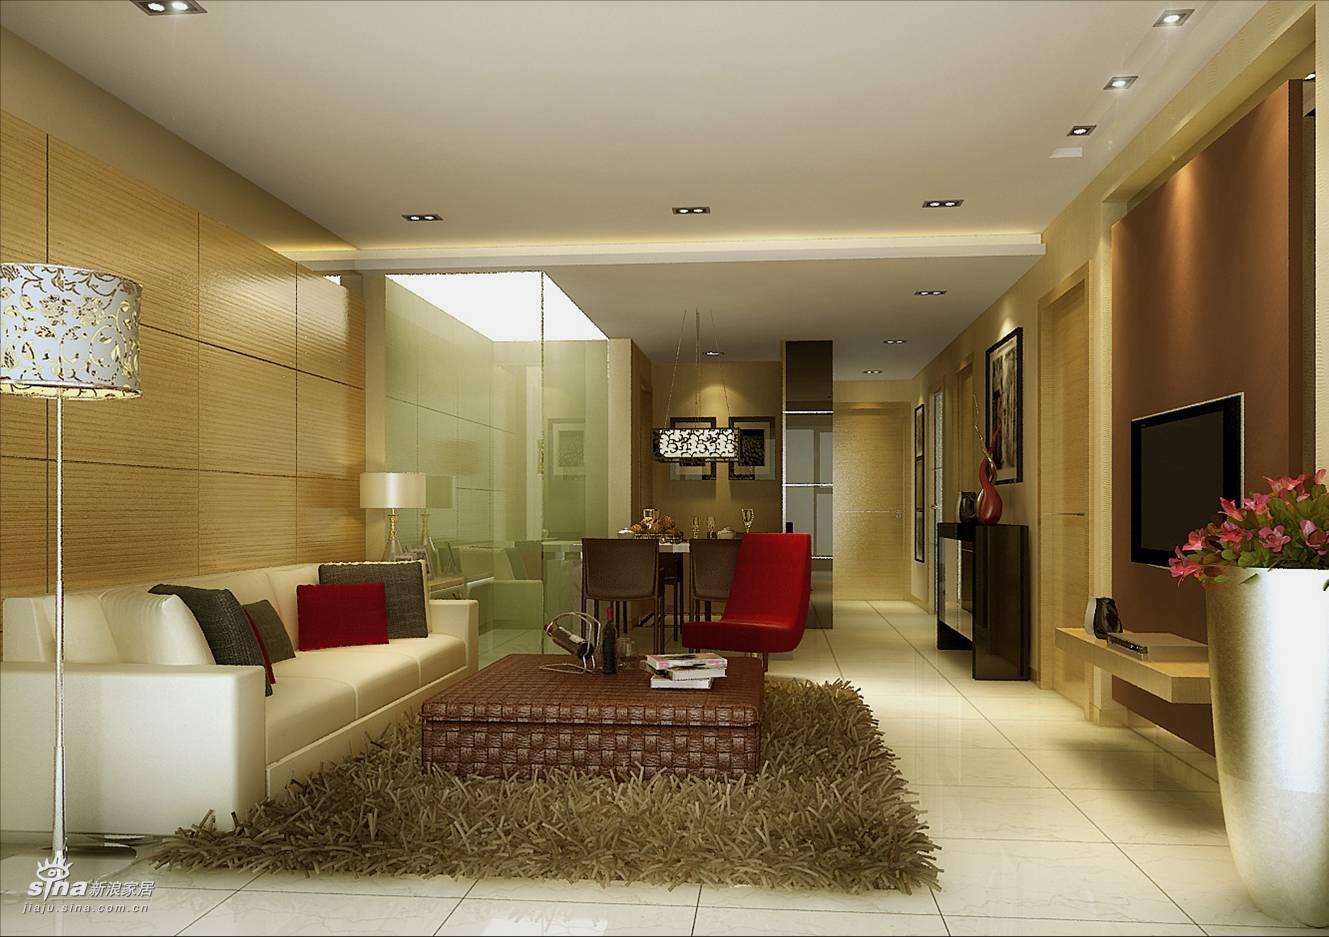 其他 二居 客厅图片来自用户2558746857在时尚新贵38的分享